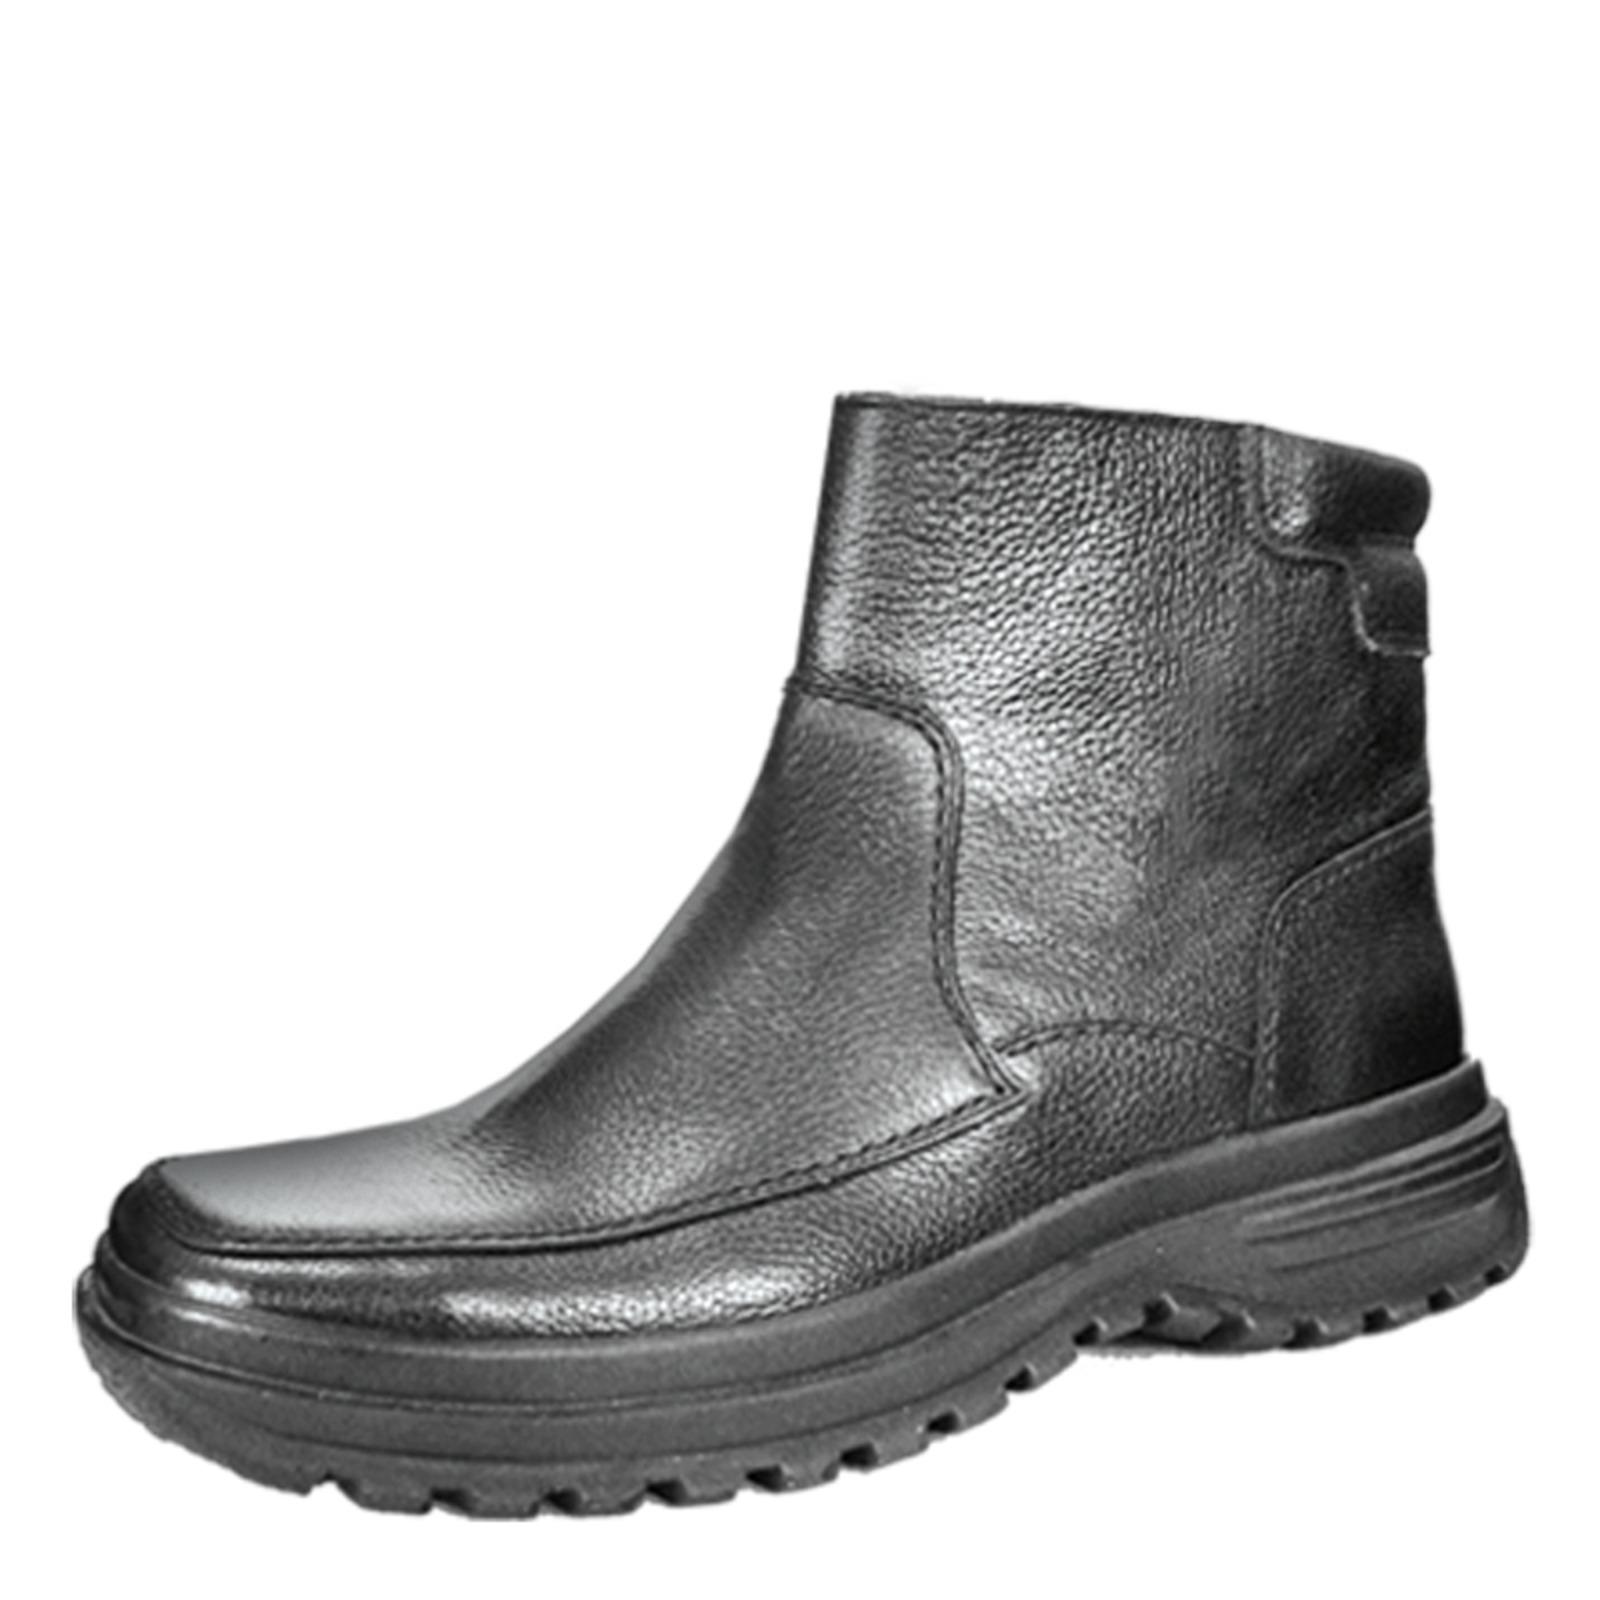 Зимние мужские ботинки со вставками